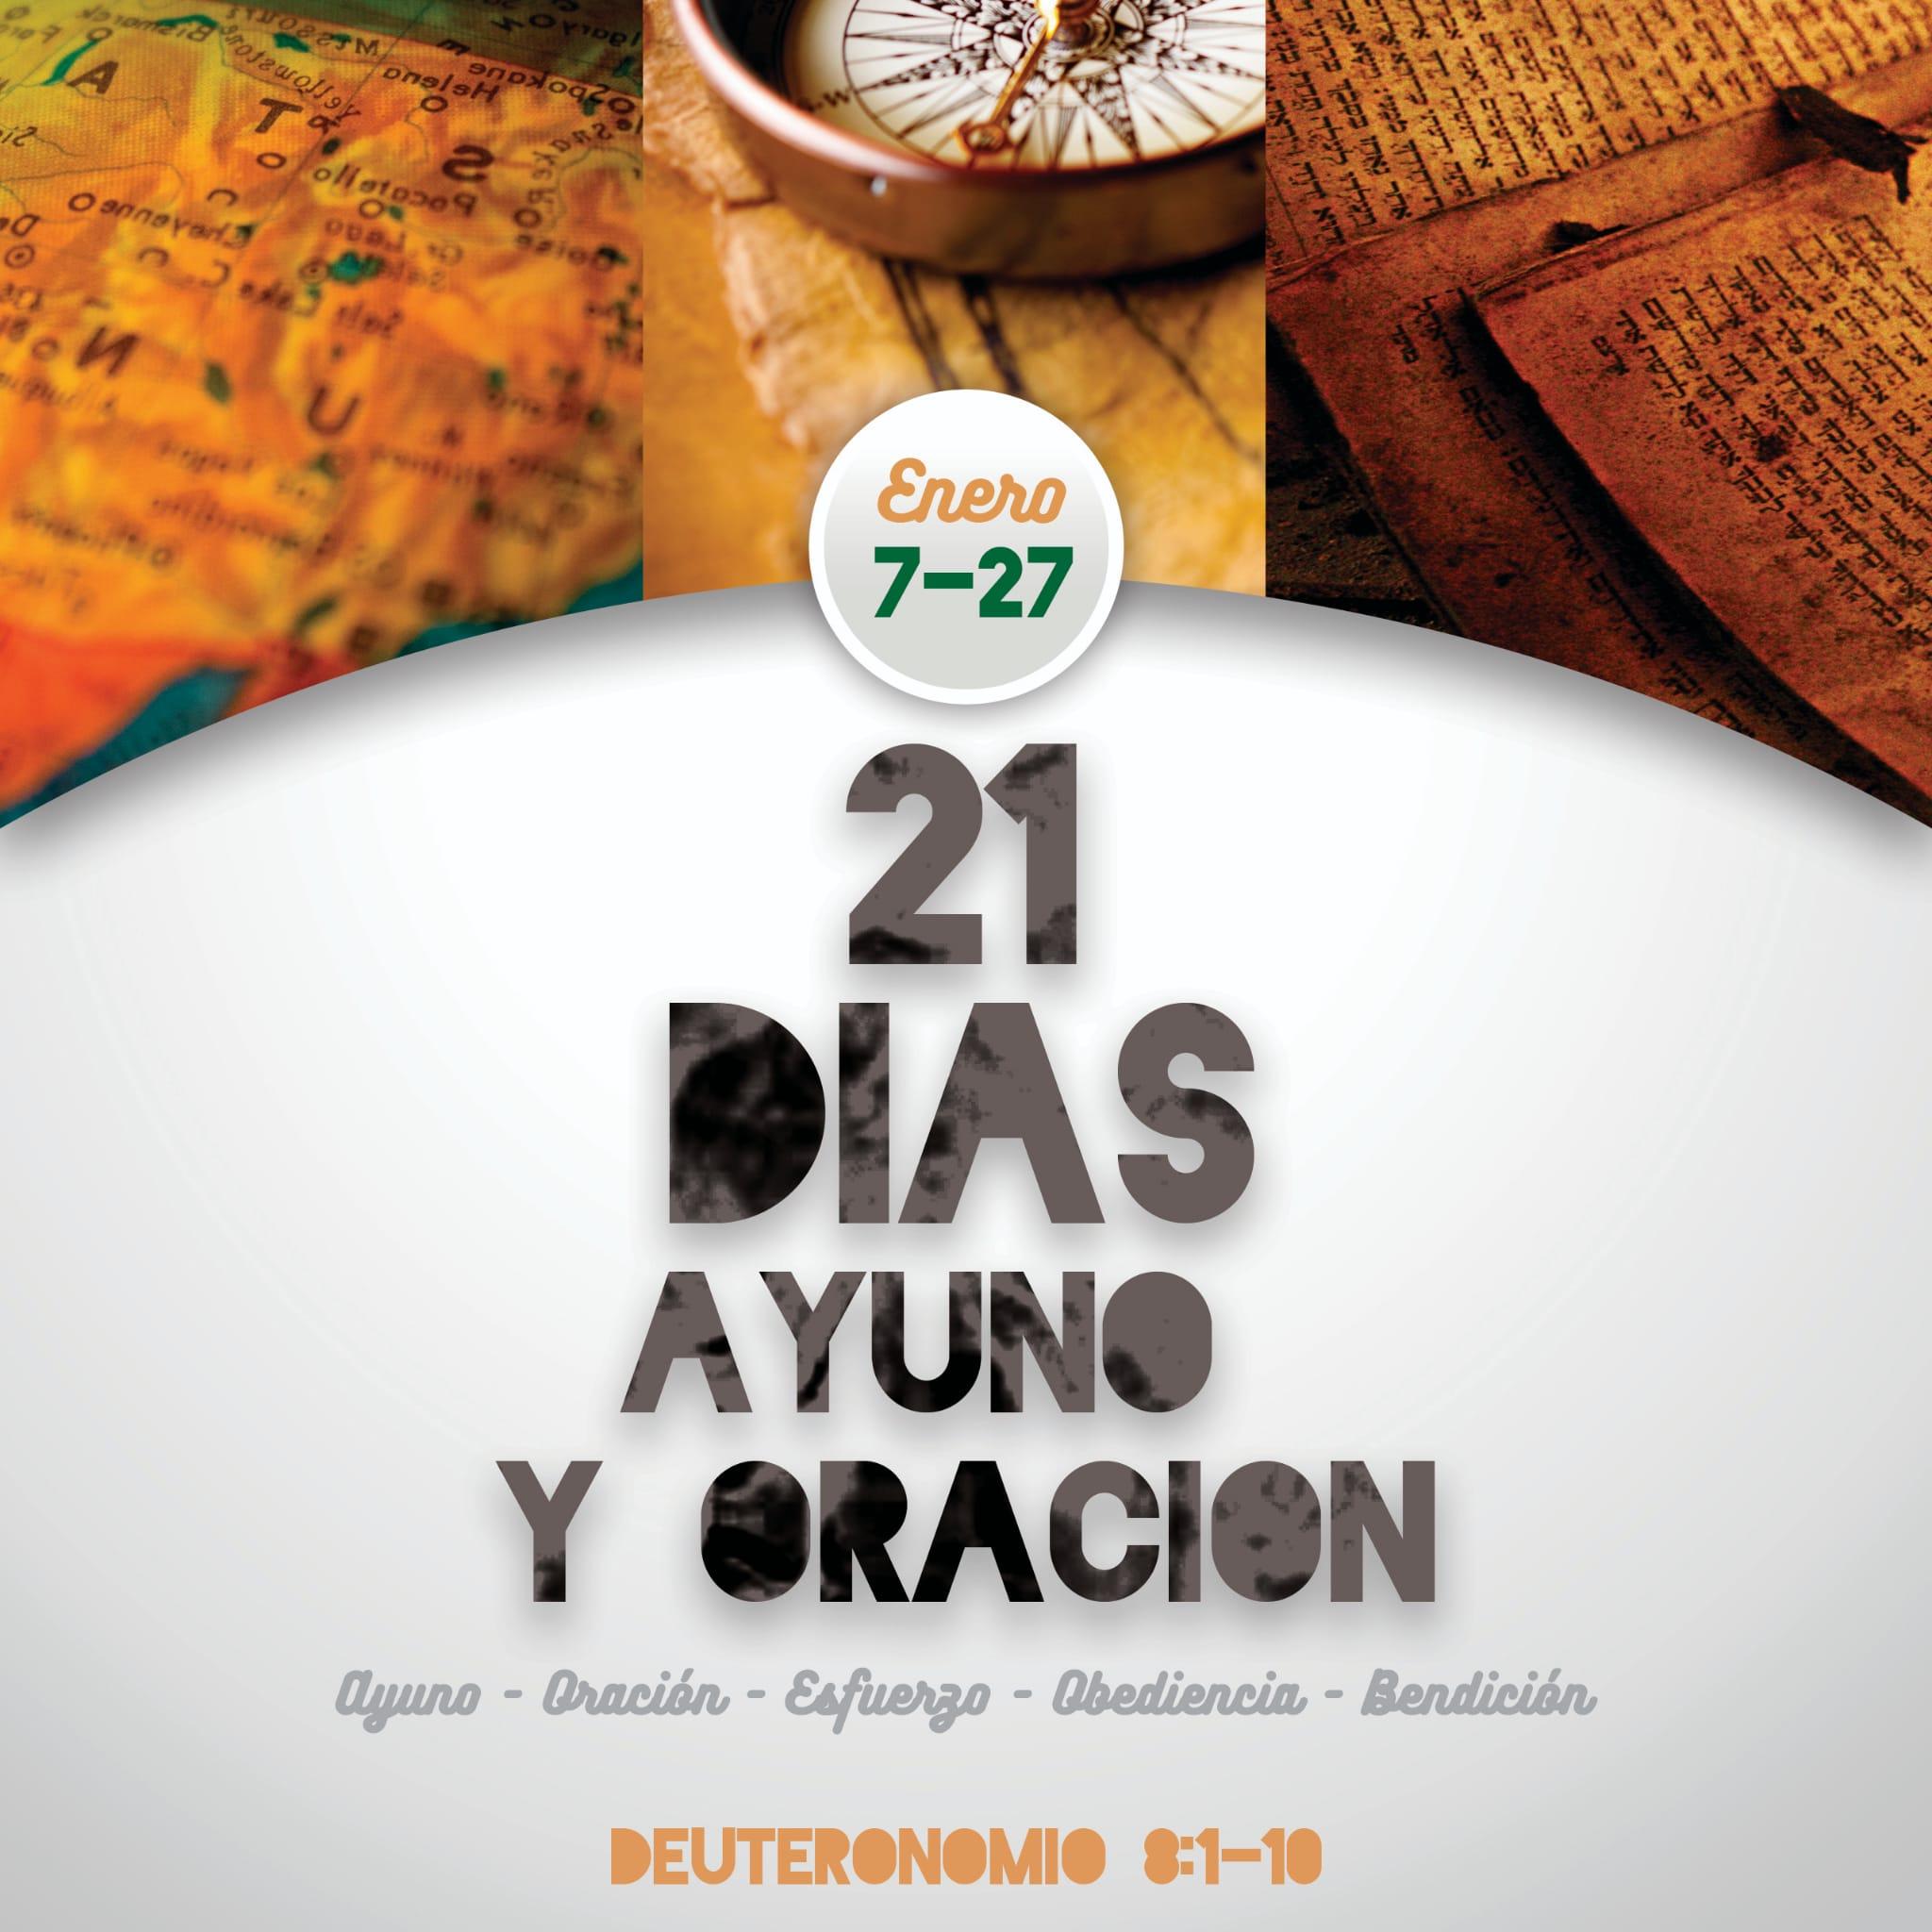 21 DÍAS AYUNO Y ORACIÓN